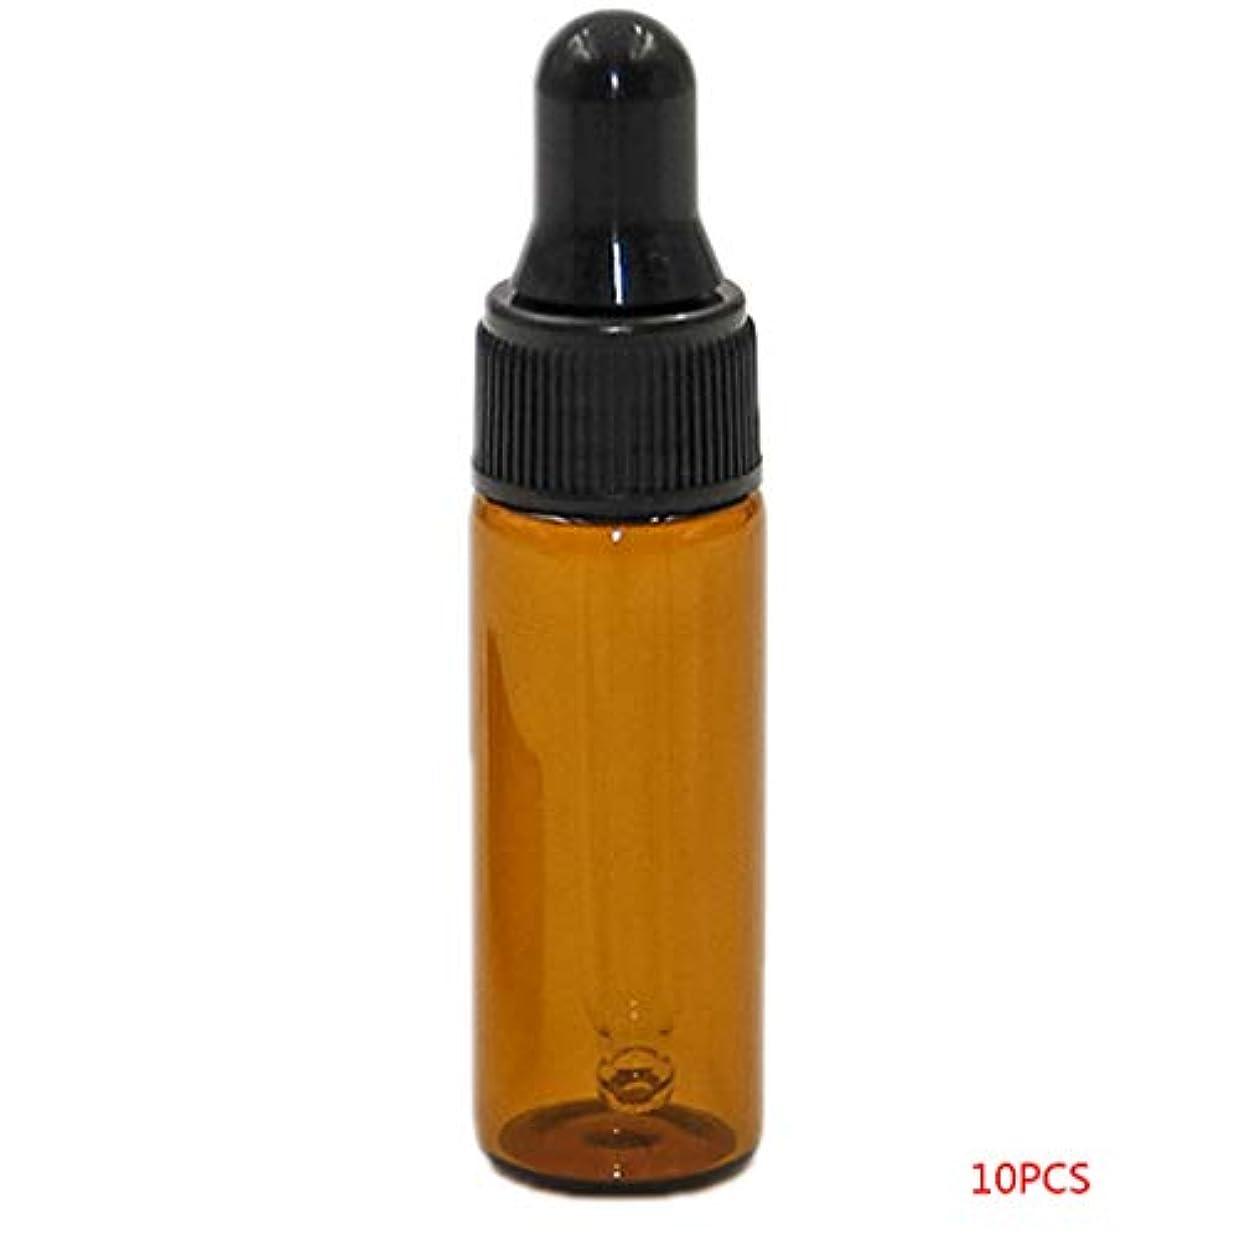 氏死すべき良心uzinby アロマオイル 精油 小分け用 遮光瓶 セット 茶 ガラス アロマ ボトル オイル 用 茶色 瓶 ビン エッセンシャルオイル 保存 詰替え 瓶 ビン